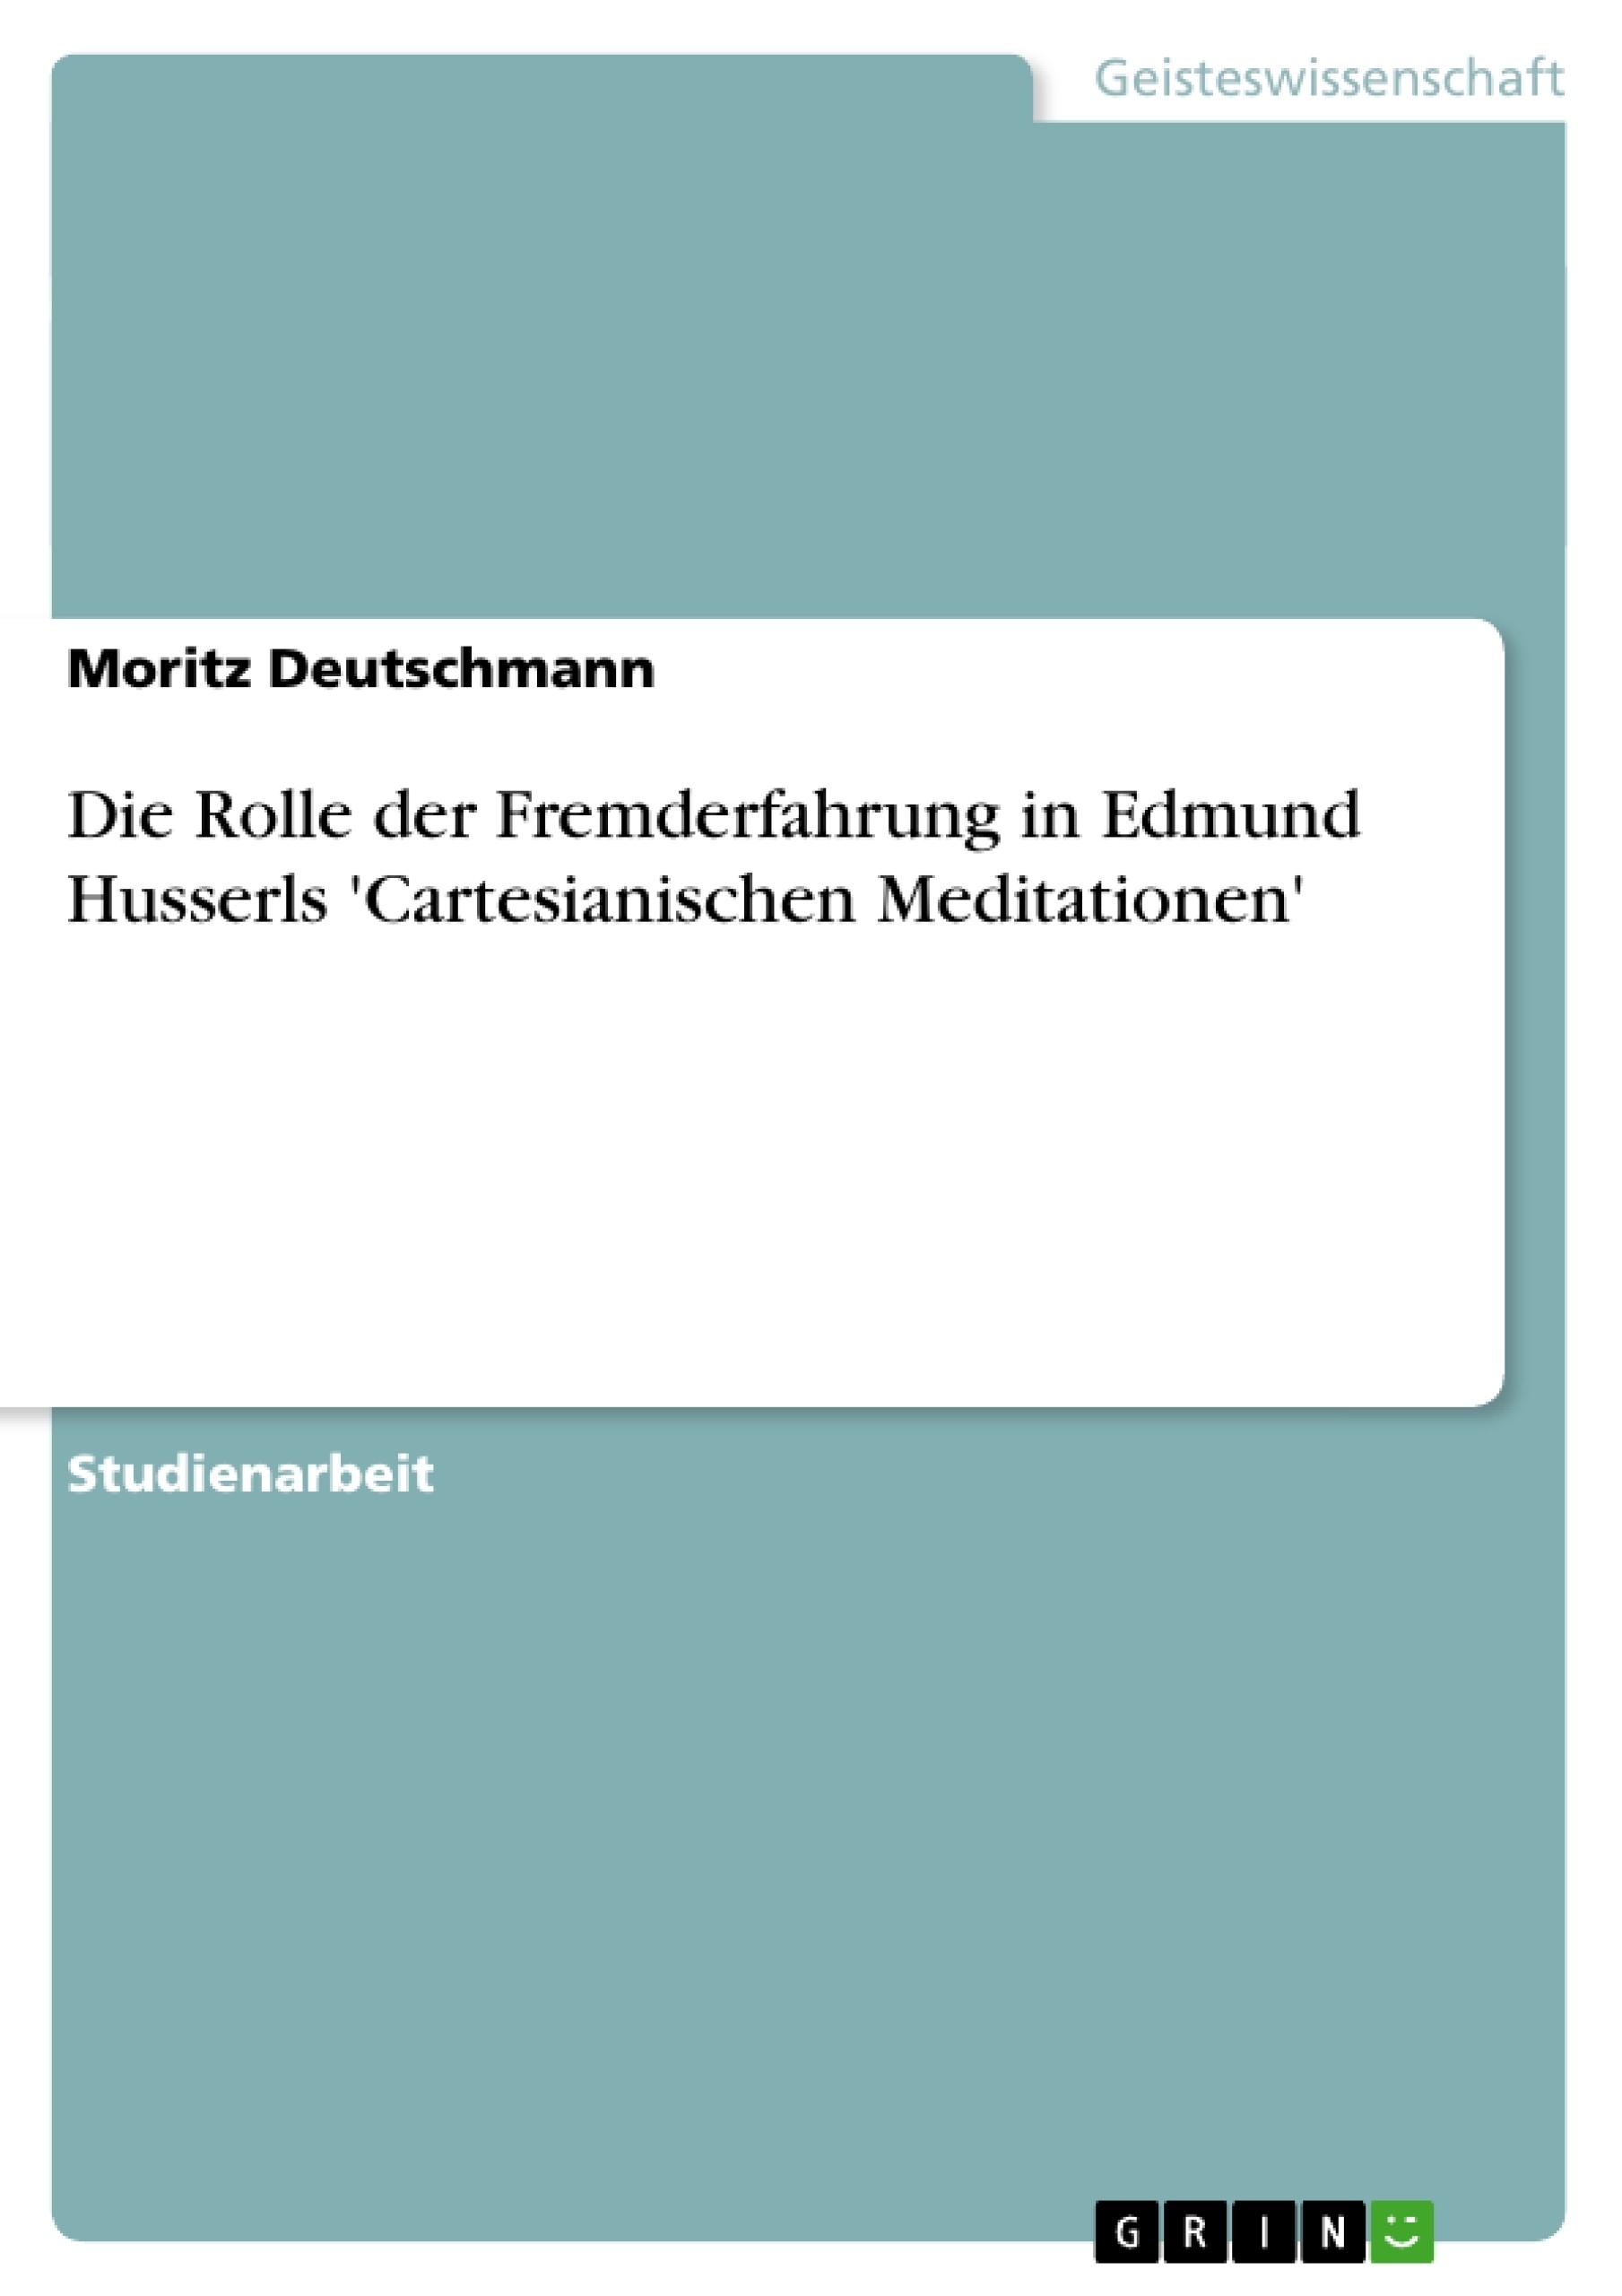 Titel: Die Rolle der Fremderfahrung in Edmund Husserls 'Cartesianischen Meditationen'